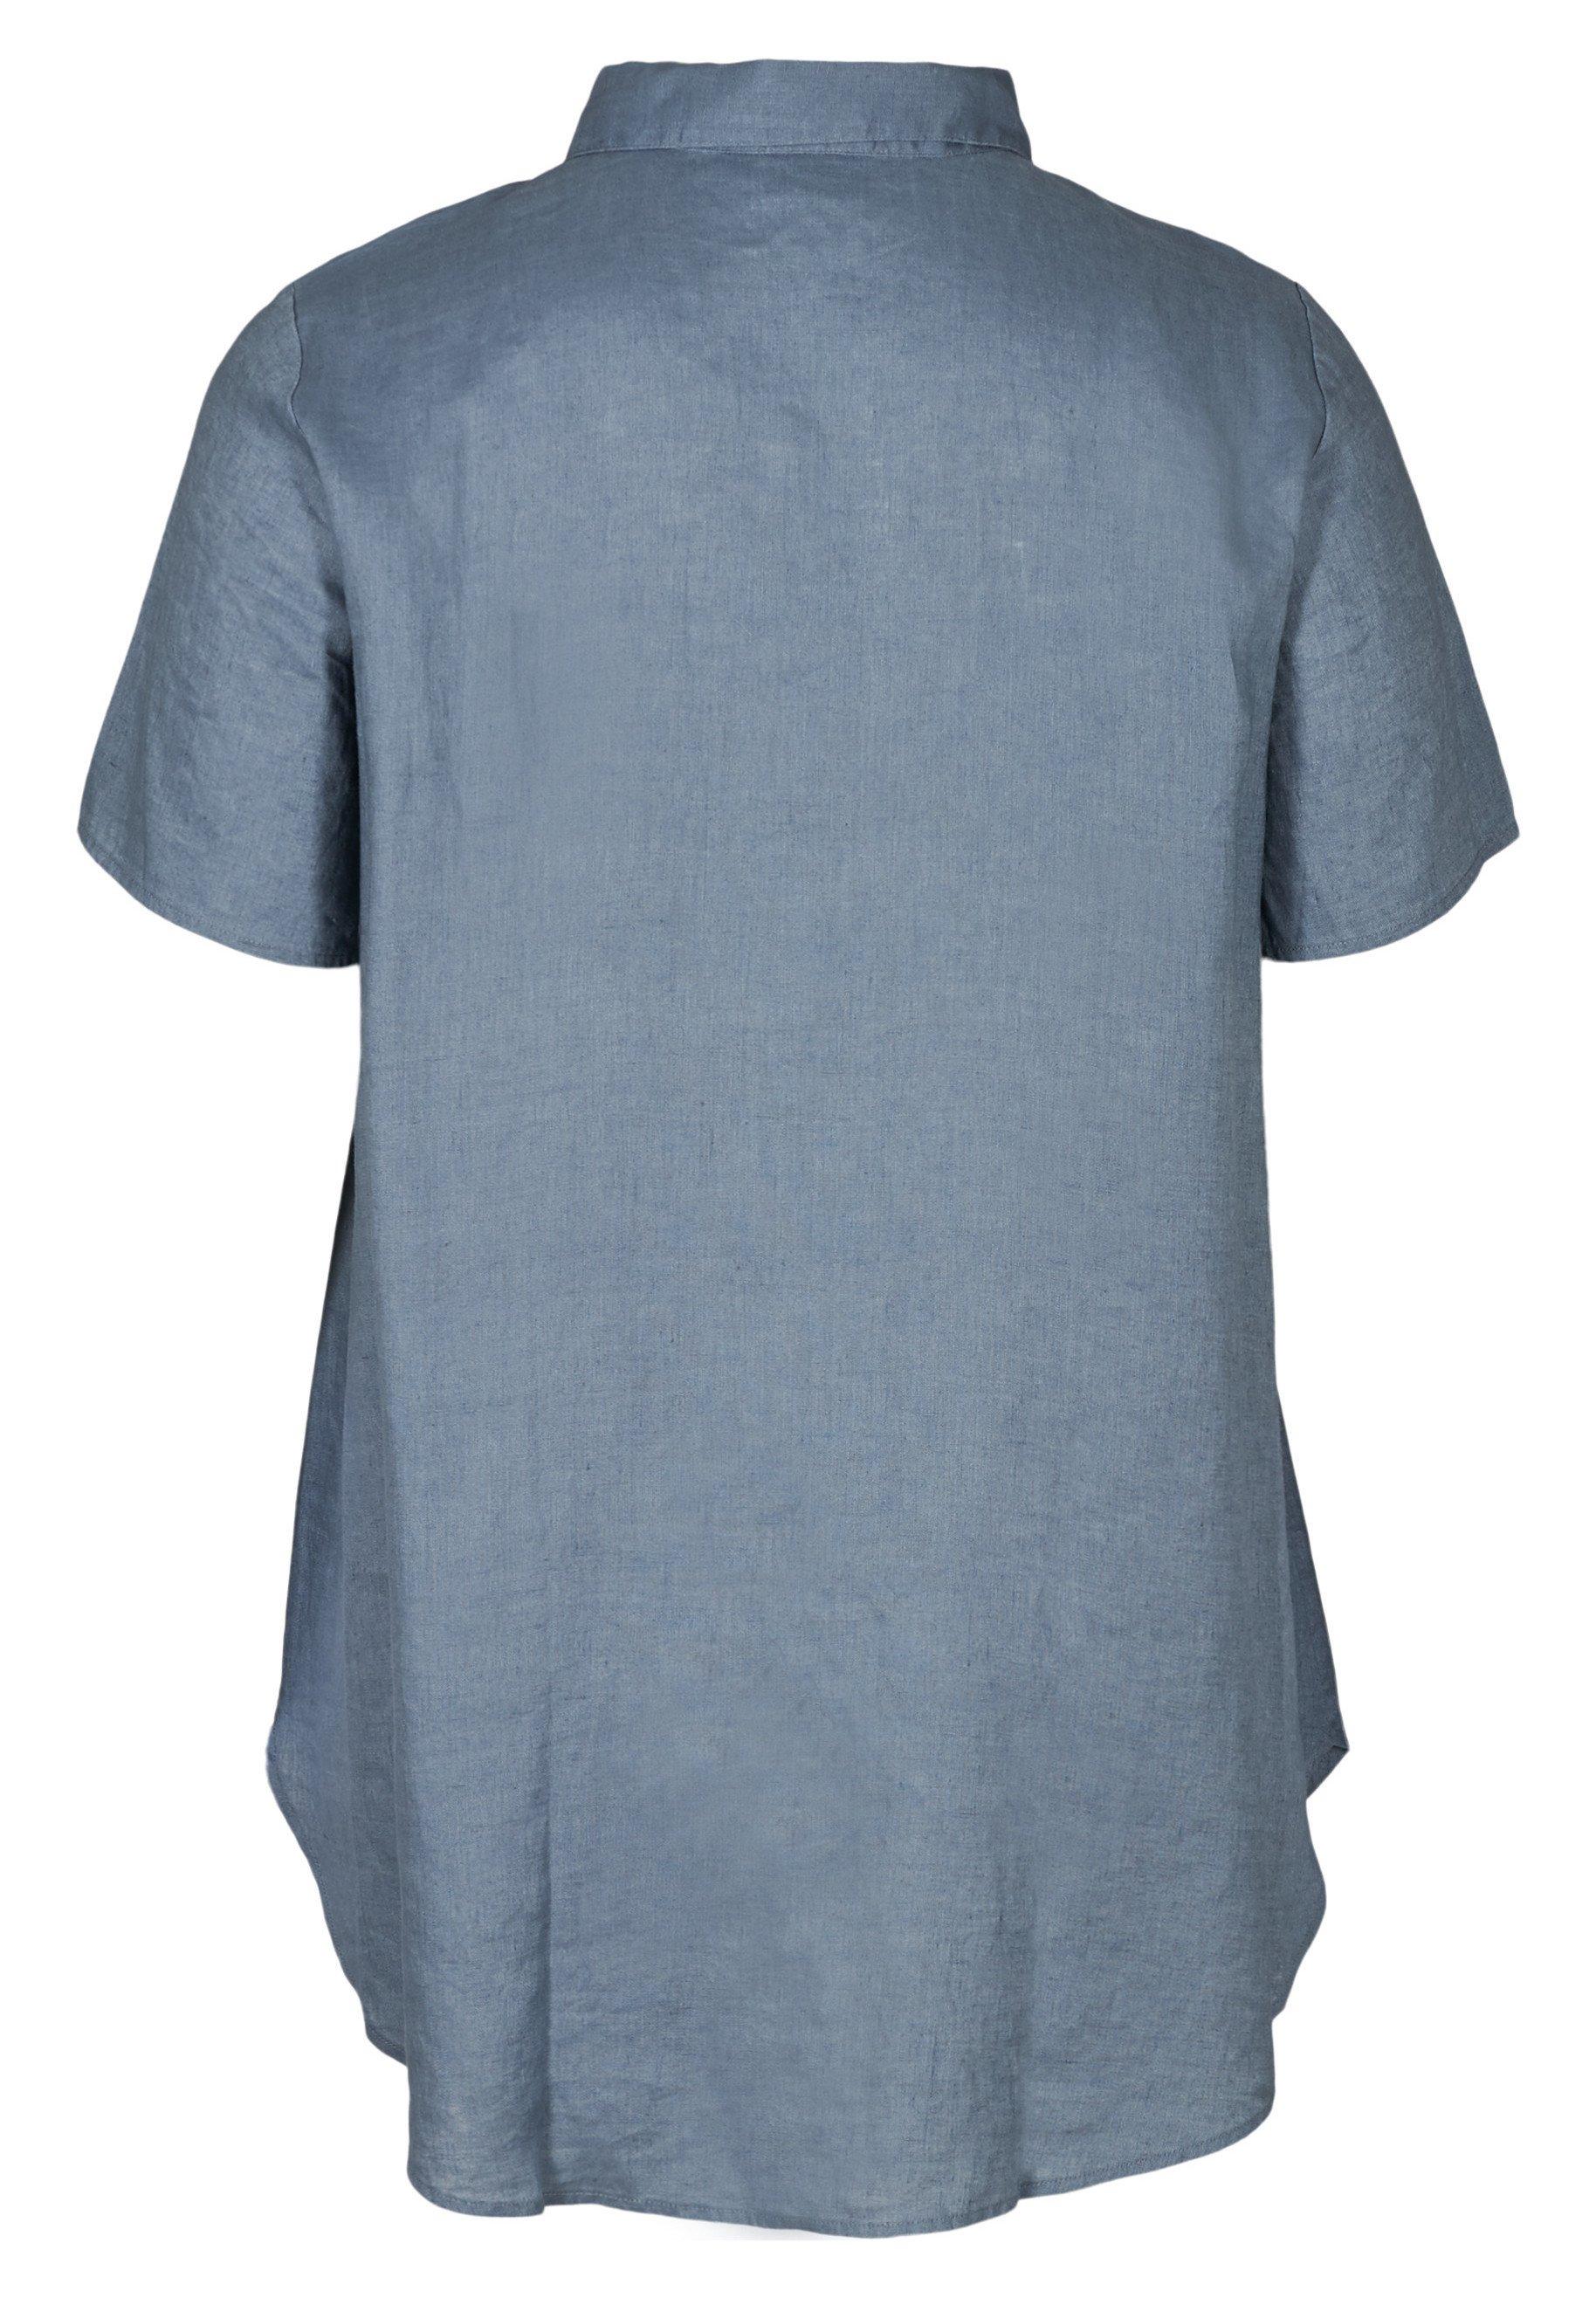 Zizzi Overhemdblouse - light blue - Dameskleding Origineel